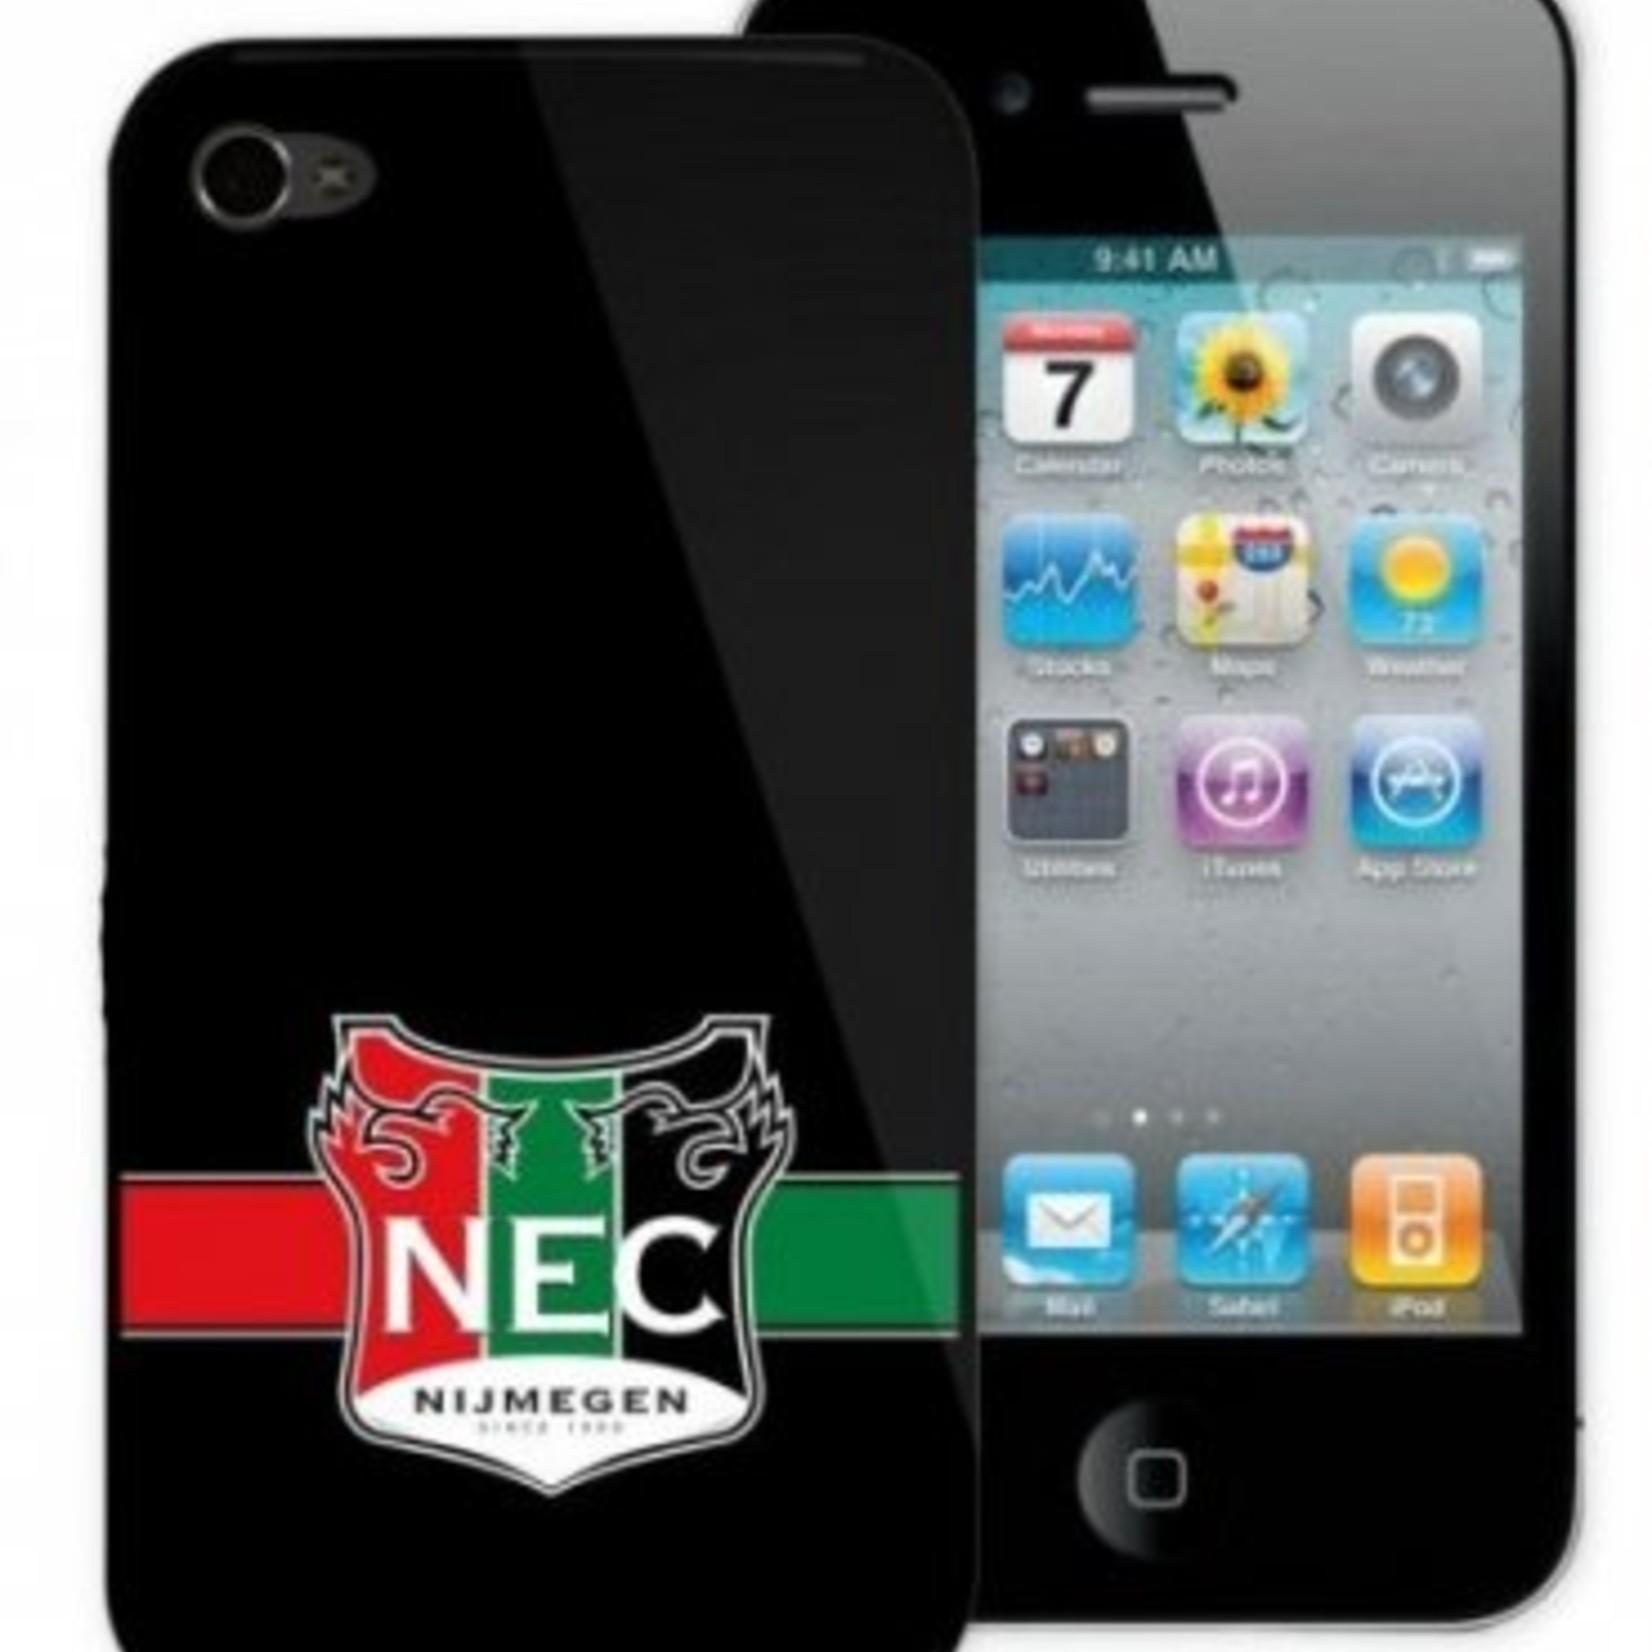 NEC NEC Iphone 4 case